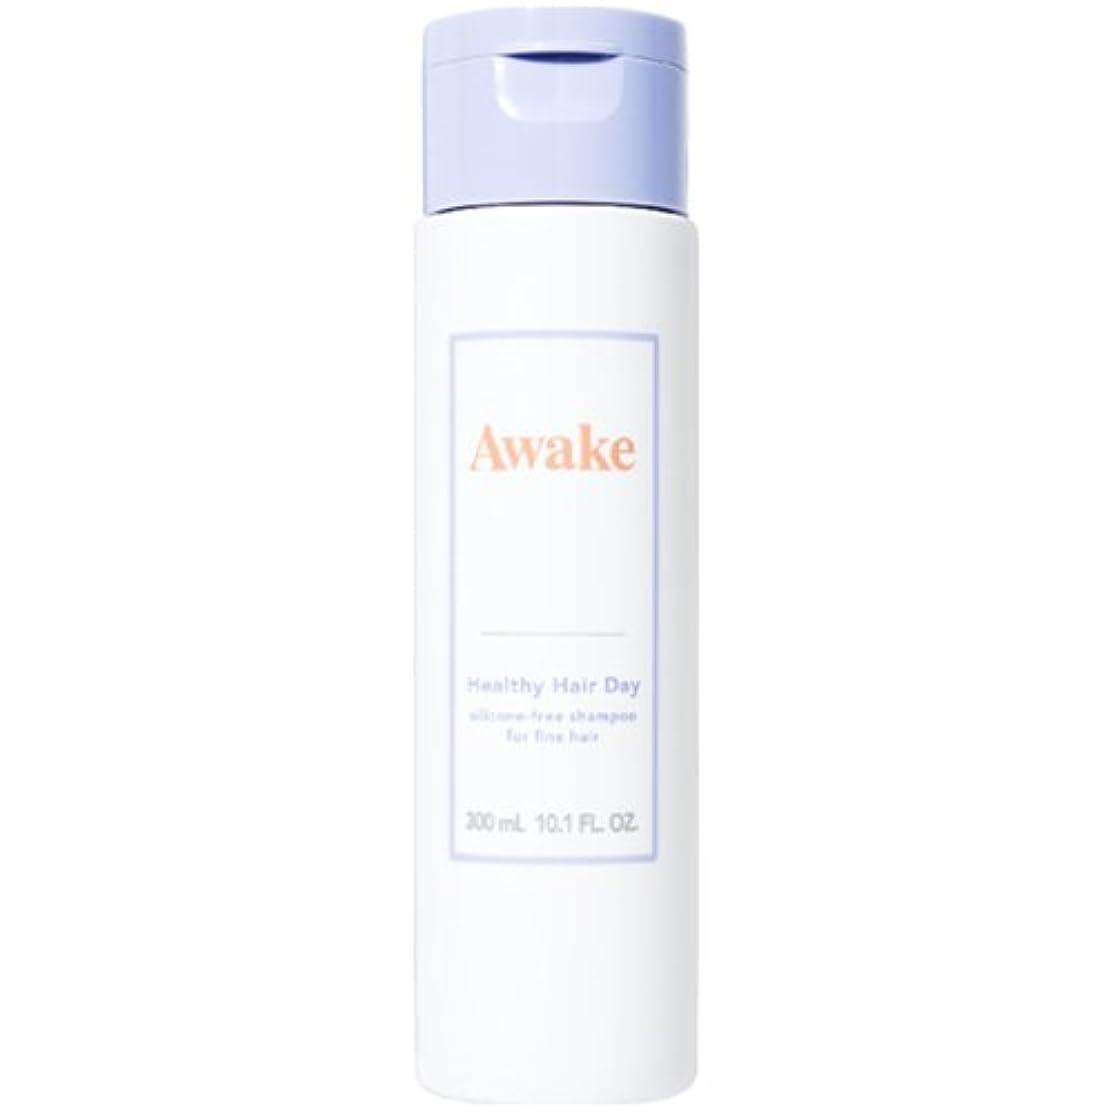 回る凝視オッズアウェイク(AWAKE) Awake(アウェイク) ヘルシーヘアデイ シリコーンフリー ヘアシャンプー ハリコシアップヘア用 (300mL)